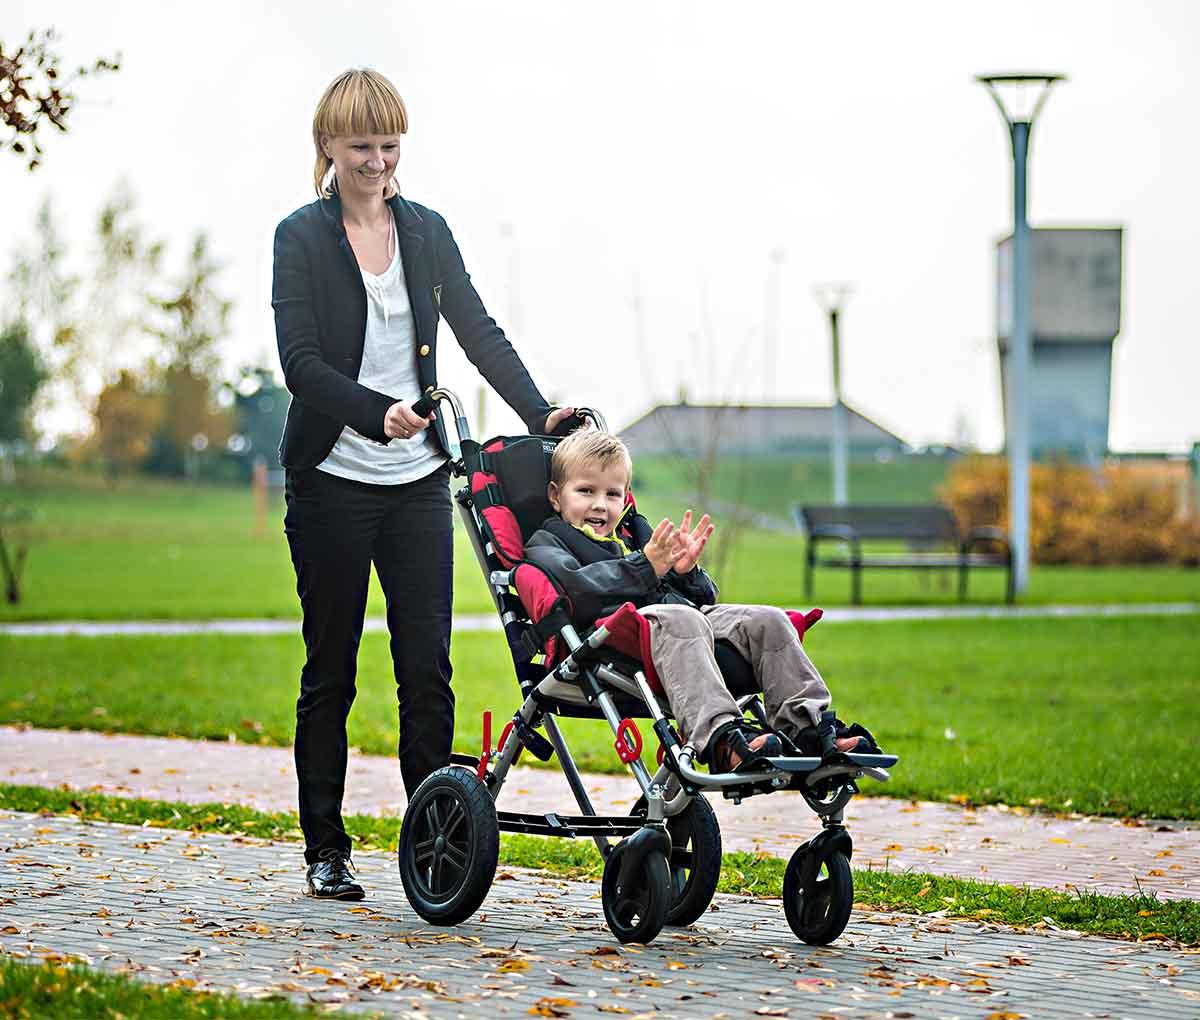 Спеціальний візок (крісло-коляска інвалідна) OMBRELO з дитиною